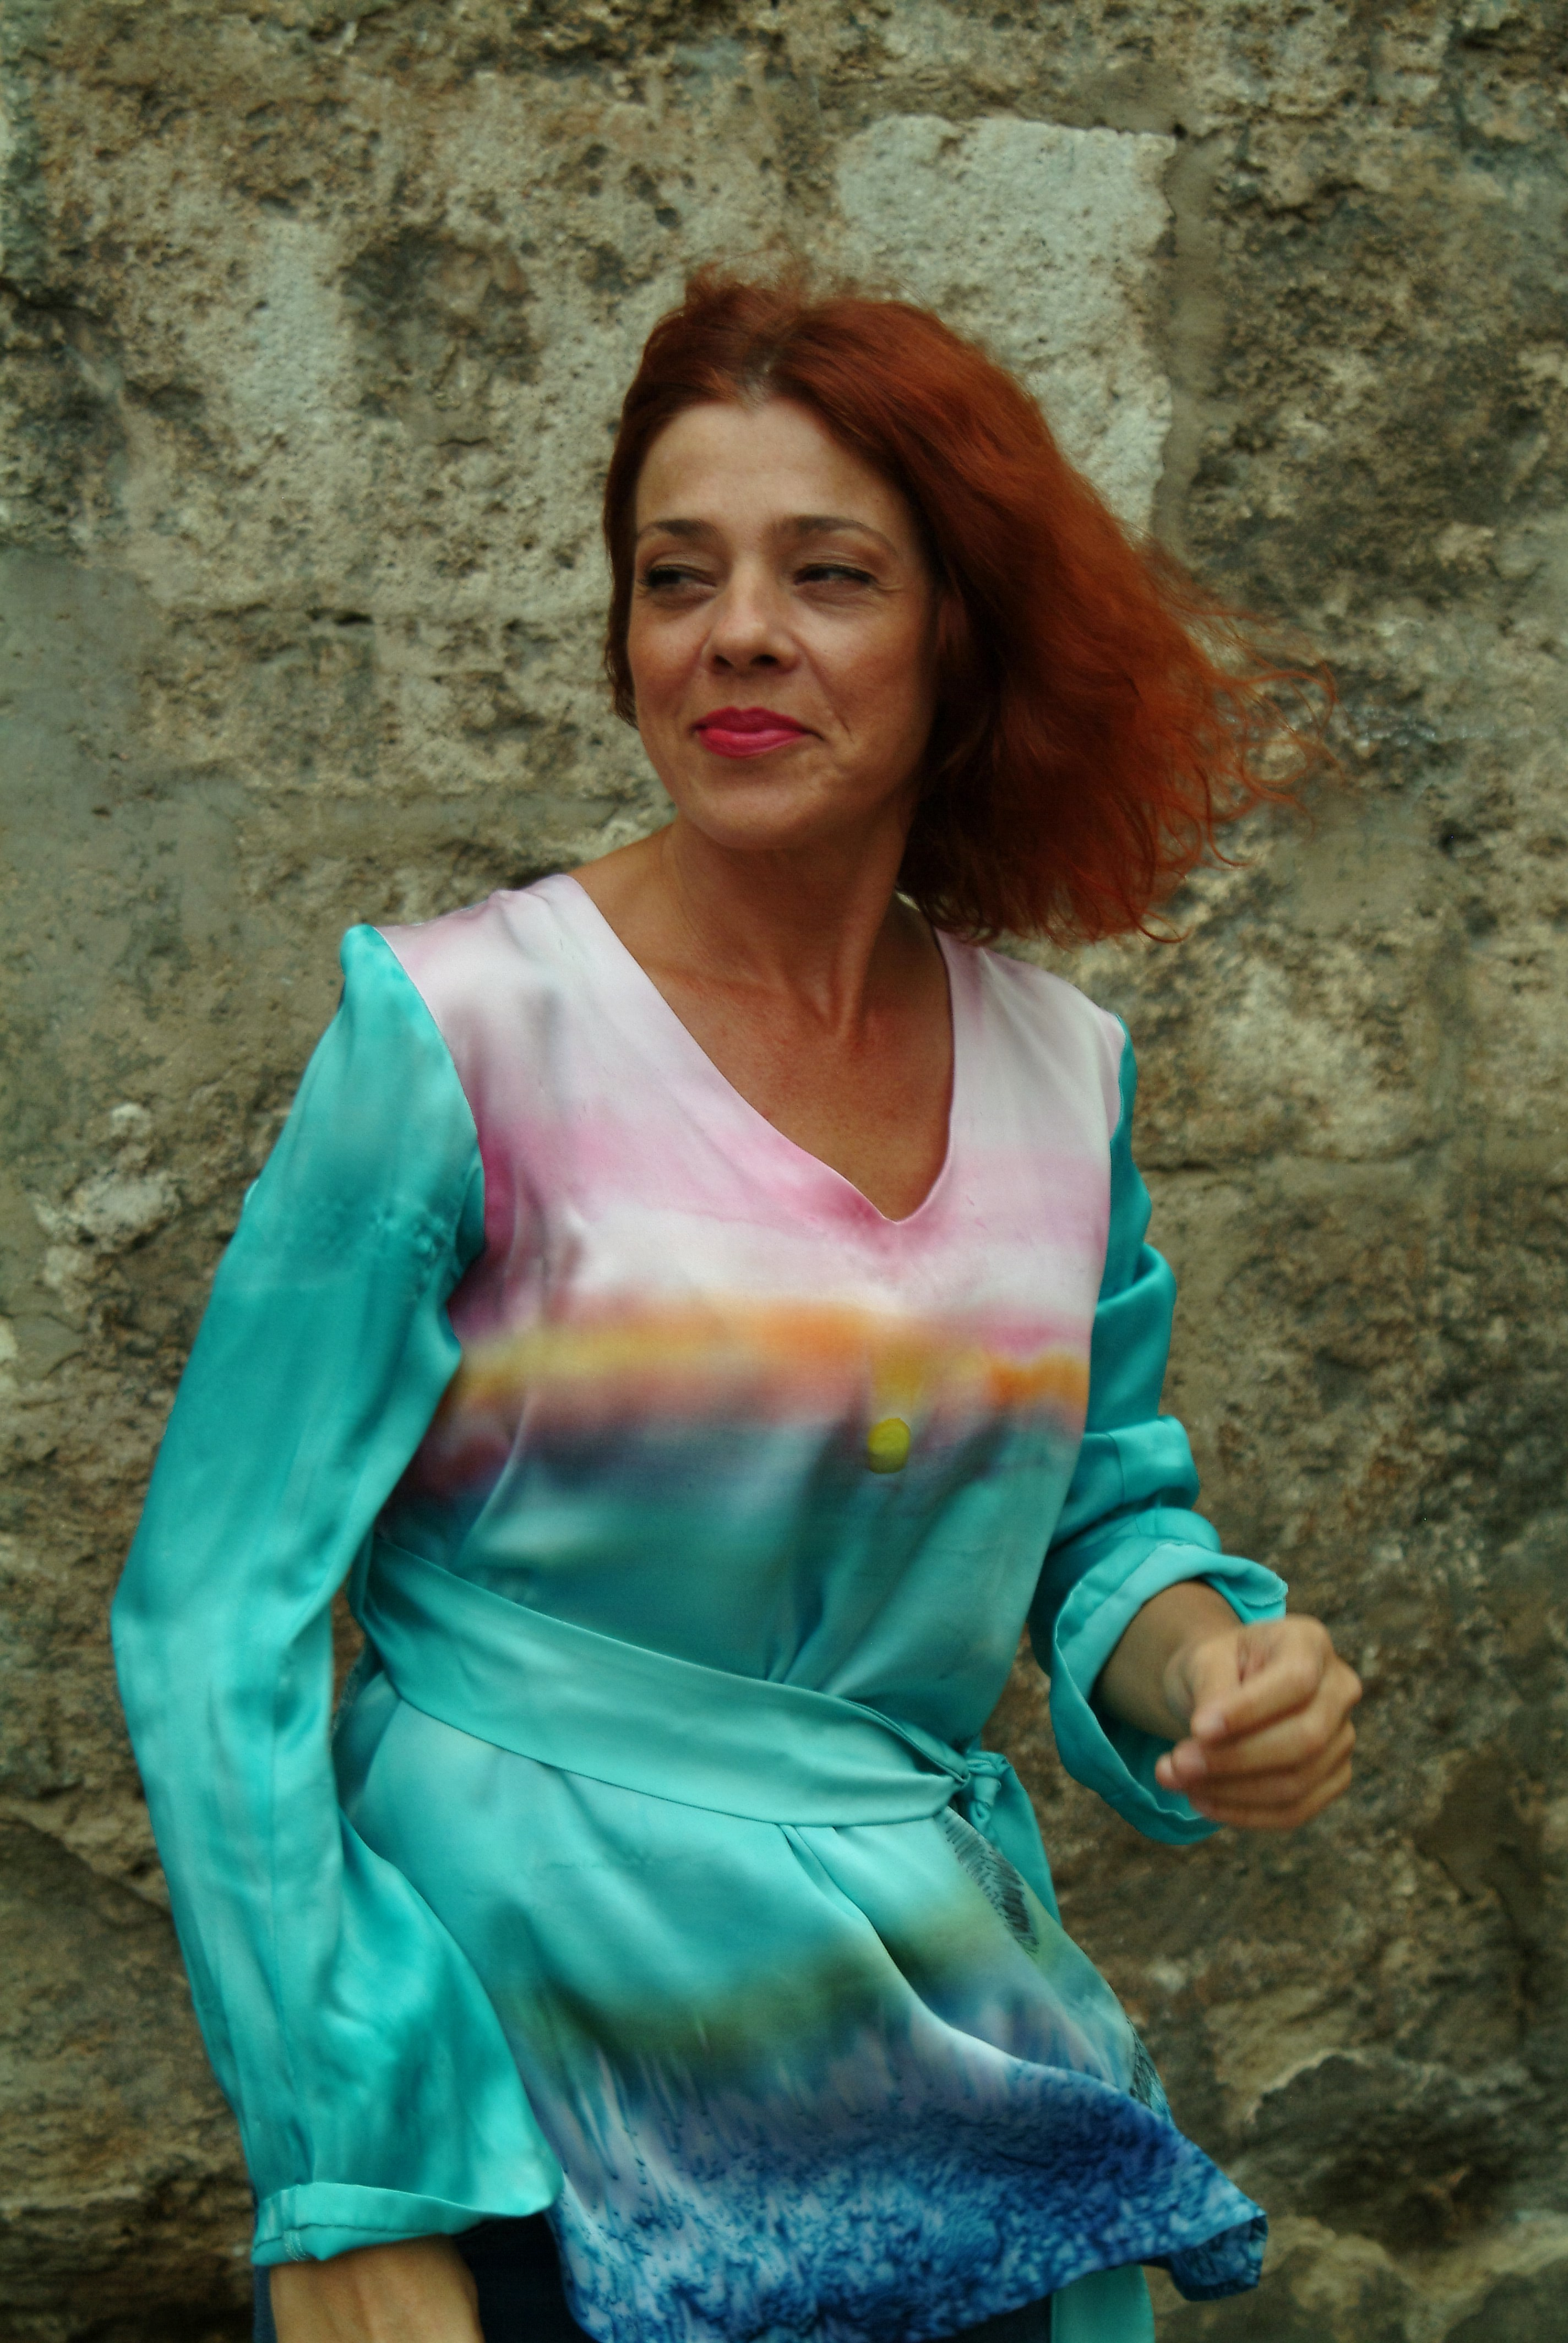 Palmira con el blusón por delante con el mar en calma. Fotografía: Vicente Alamán Picazo..